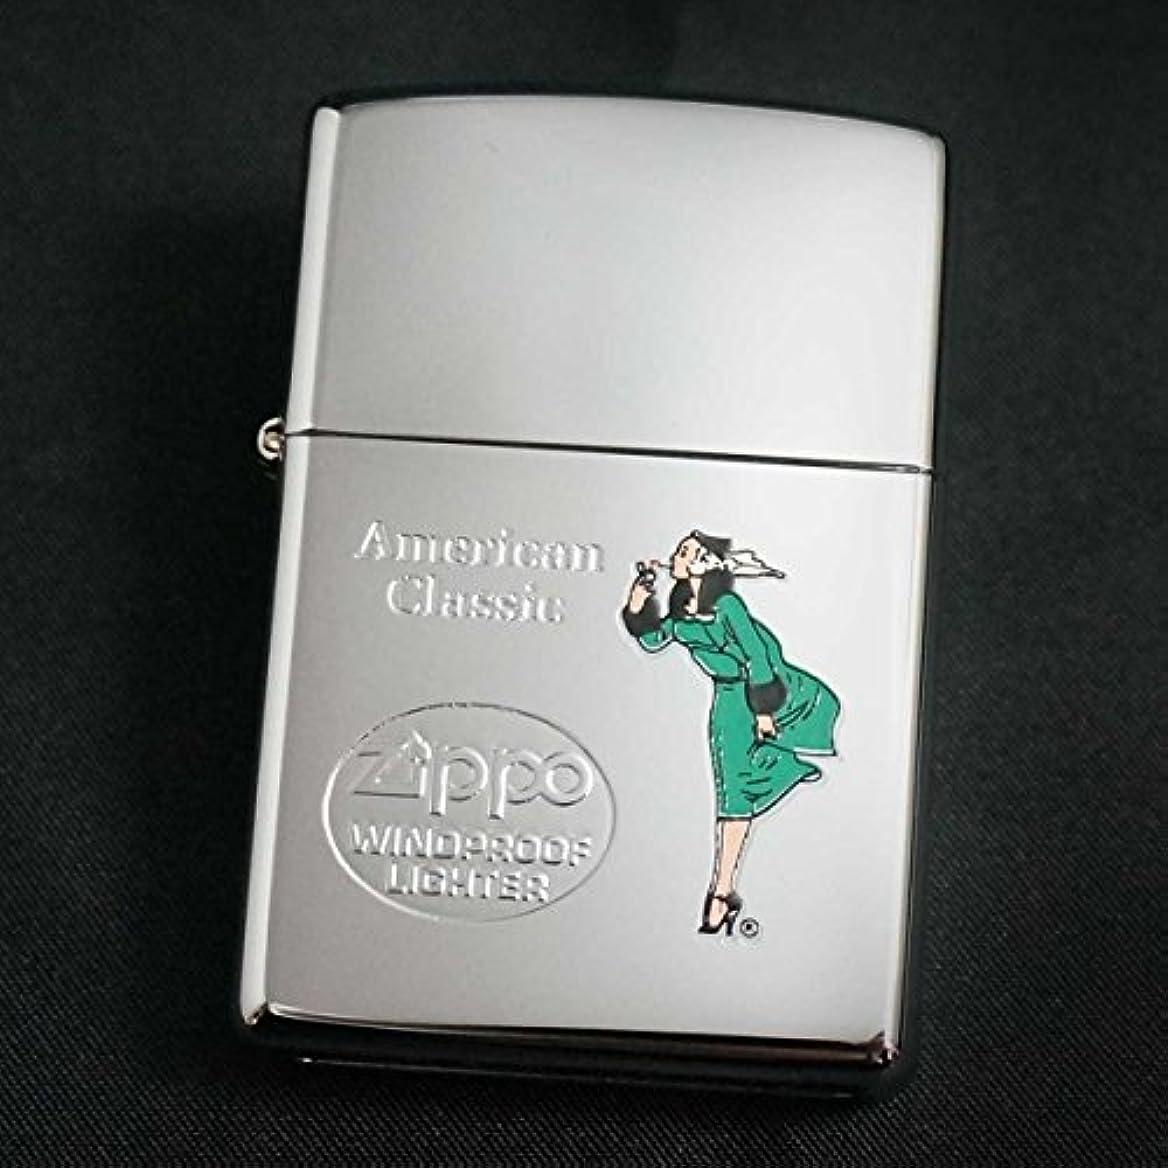 統計的アノイ安全なzippo(ジッポー)WINDY エッチング&プリント グリーン 2000年製造